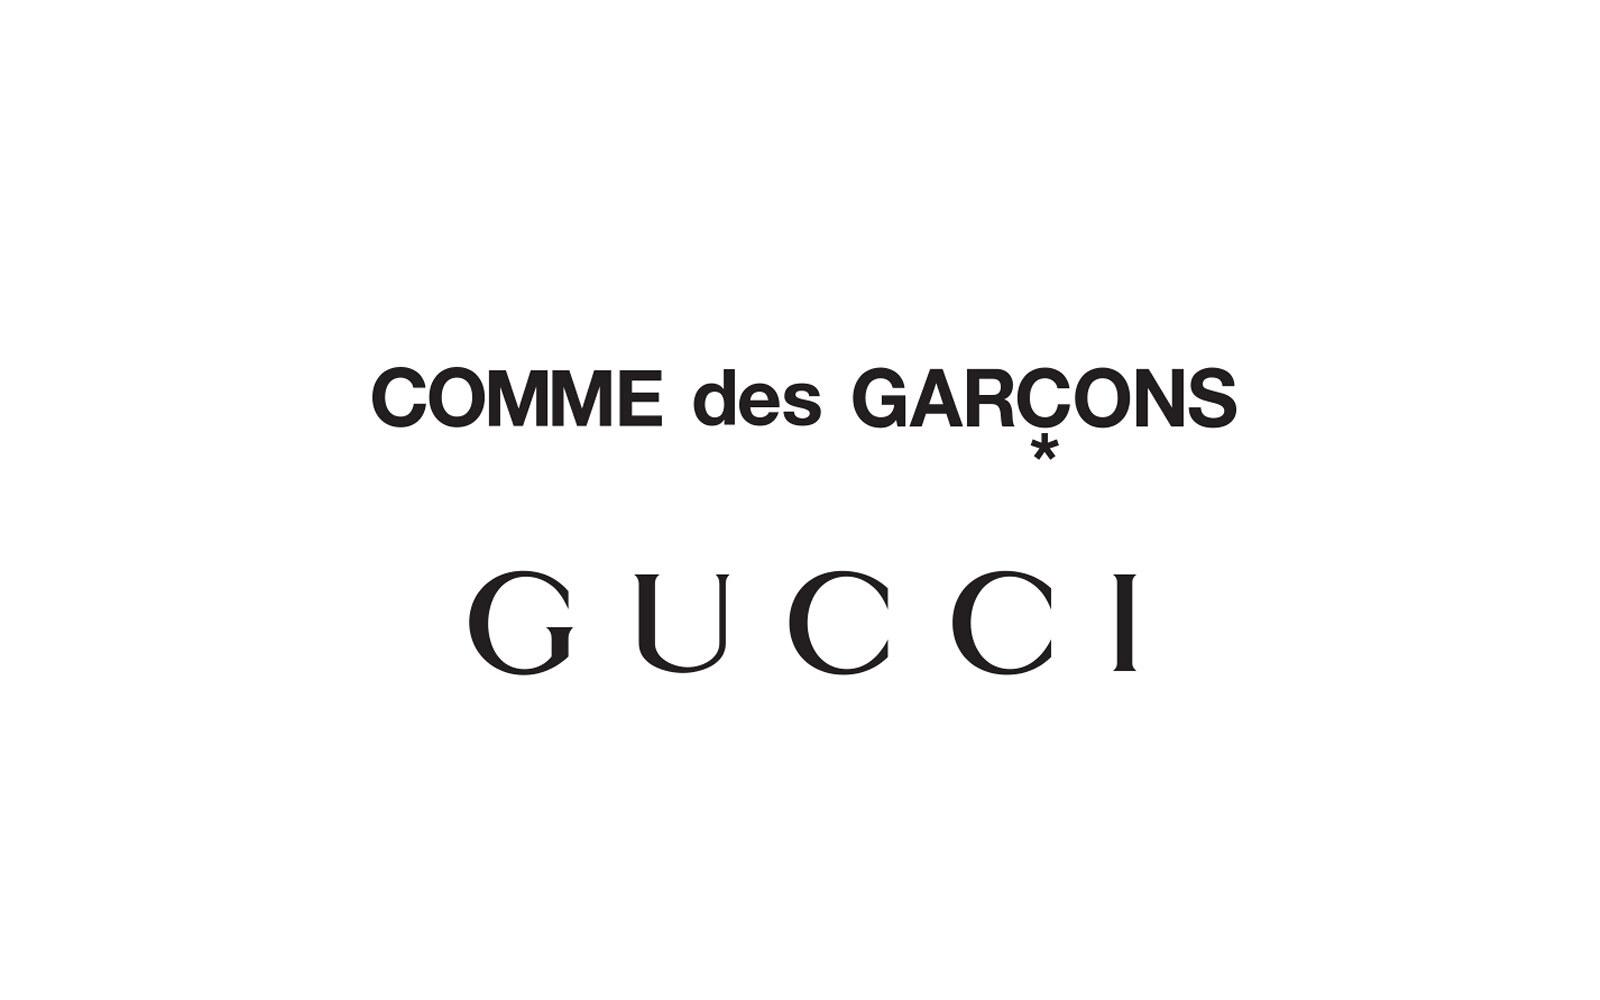 Gucci x Comme Des Garcons